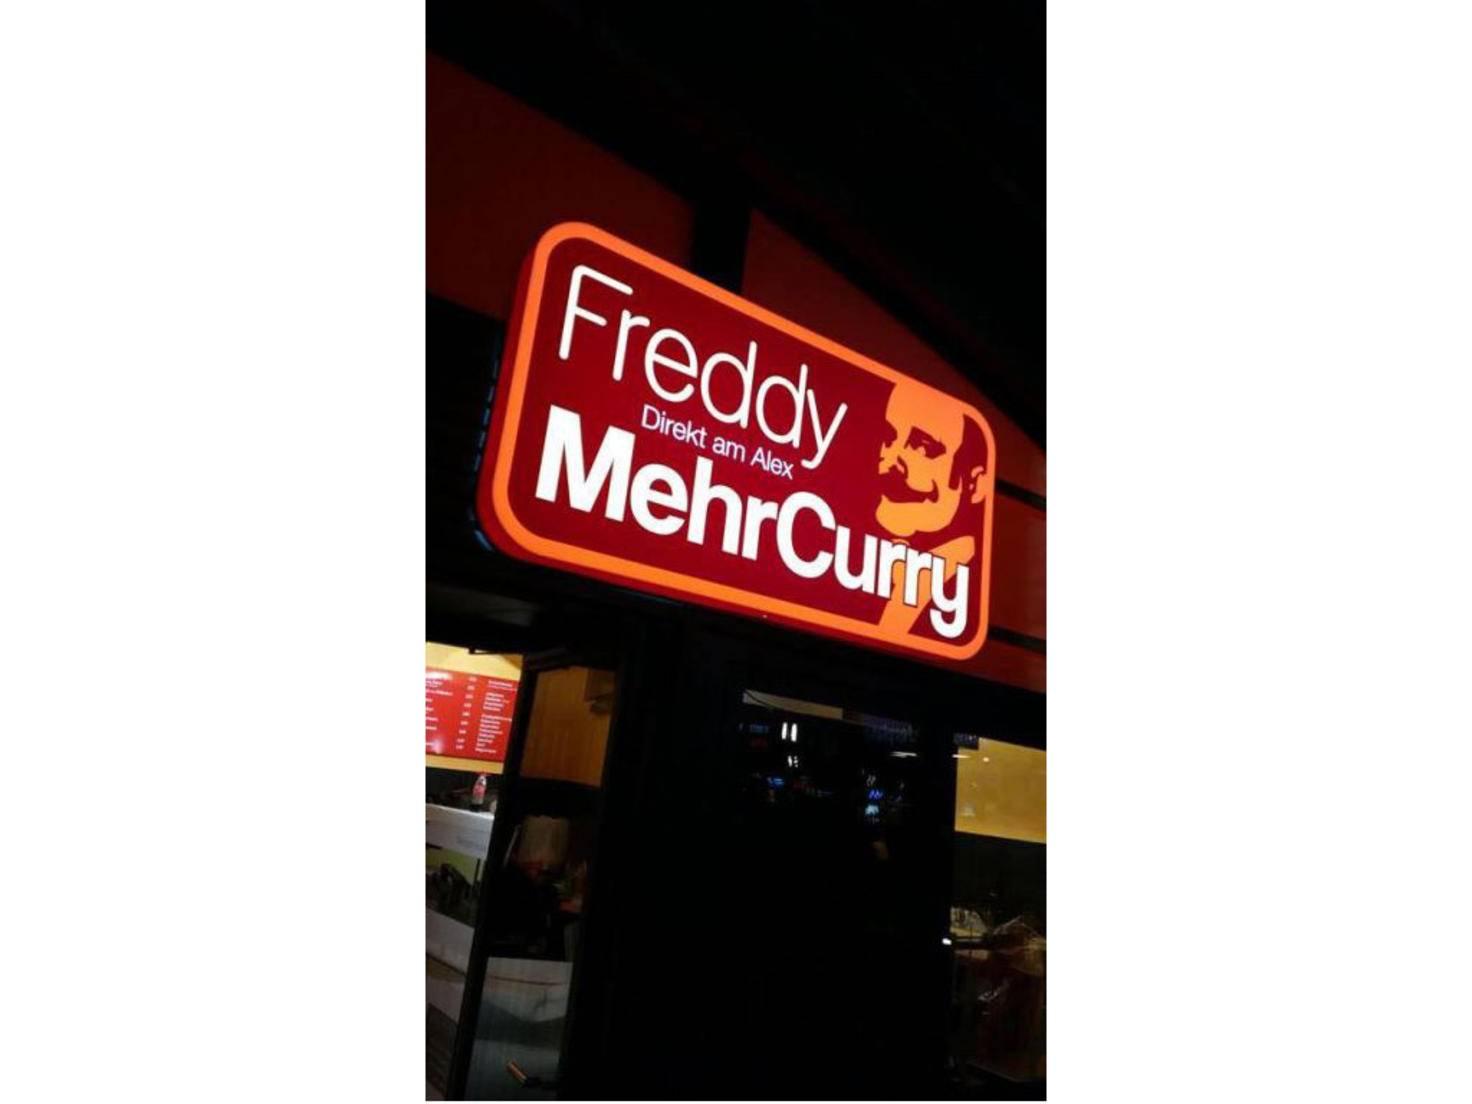 Gegen leeren Magen hat Freddy MehrCurry was...